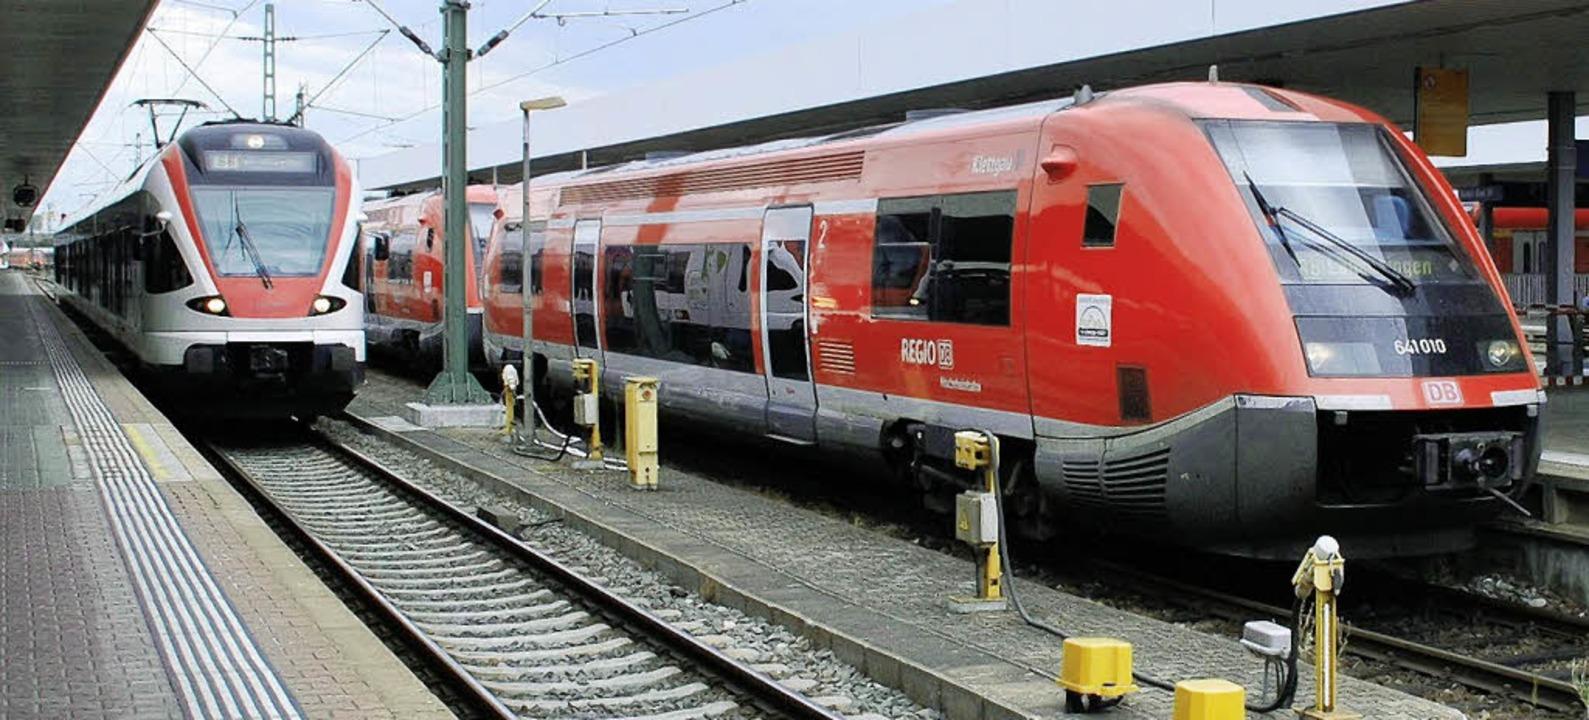 Die Verknüpfung der S- und Regionalbah...n Bahnhof ist derzeit kaum belastbar.   | Foto: Maja Tolsdorf